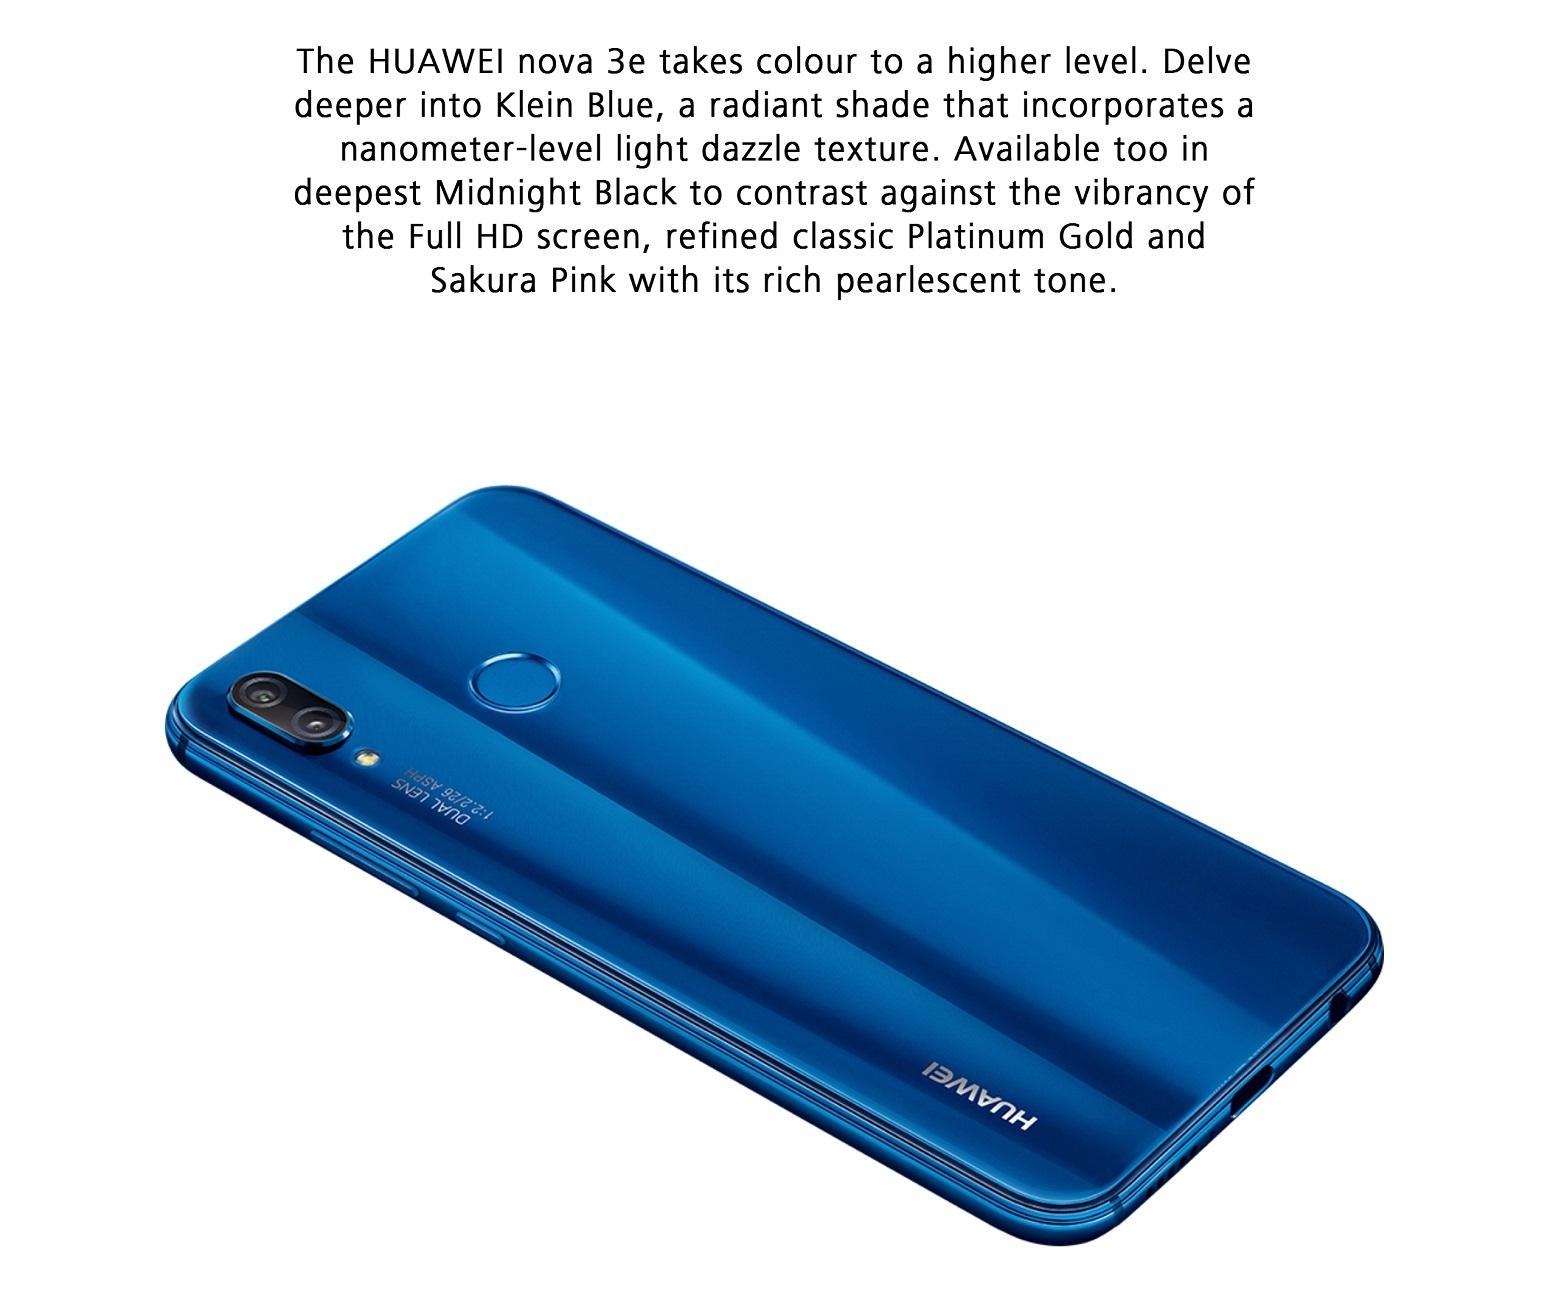 huawei p20 lite nova 3e bleu reconnaissance faciale charge rapide. Black Bedroom Furniture Sets. Home Design Ideas